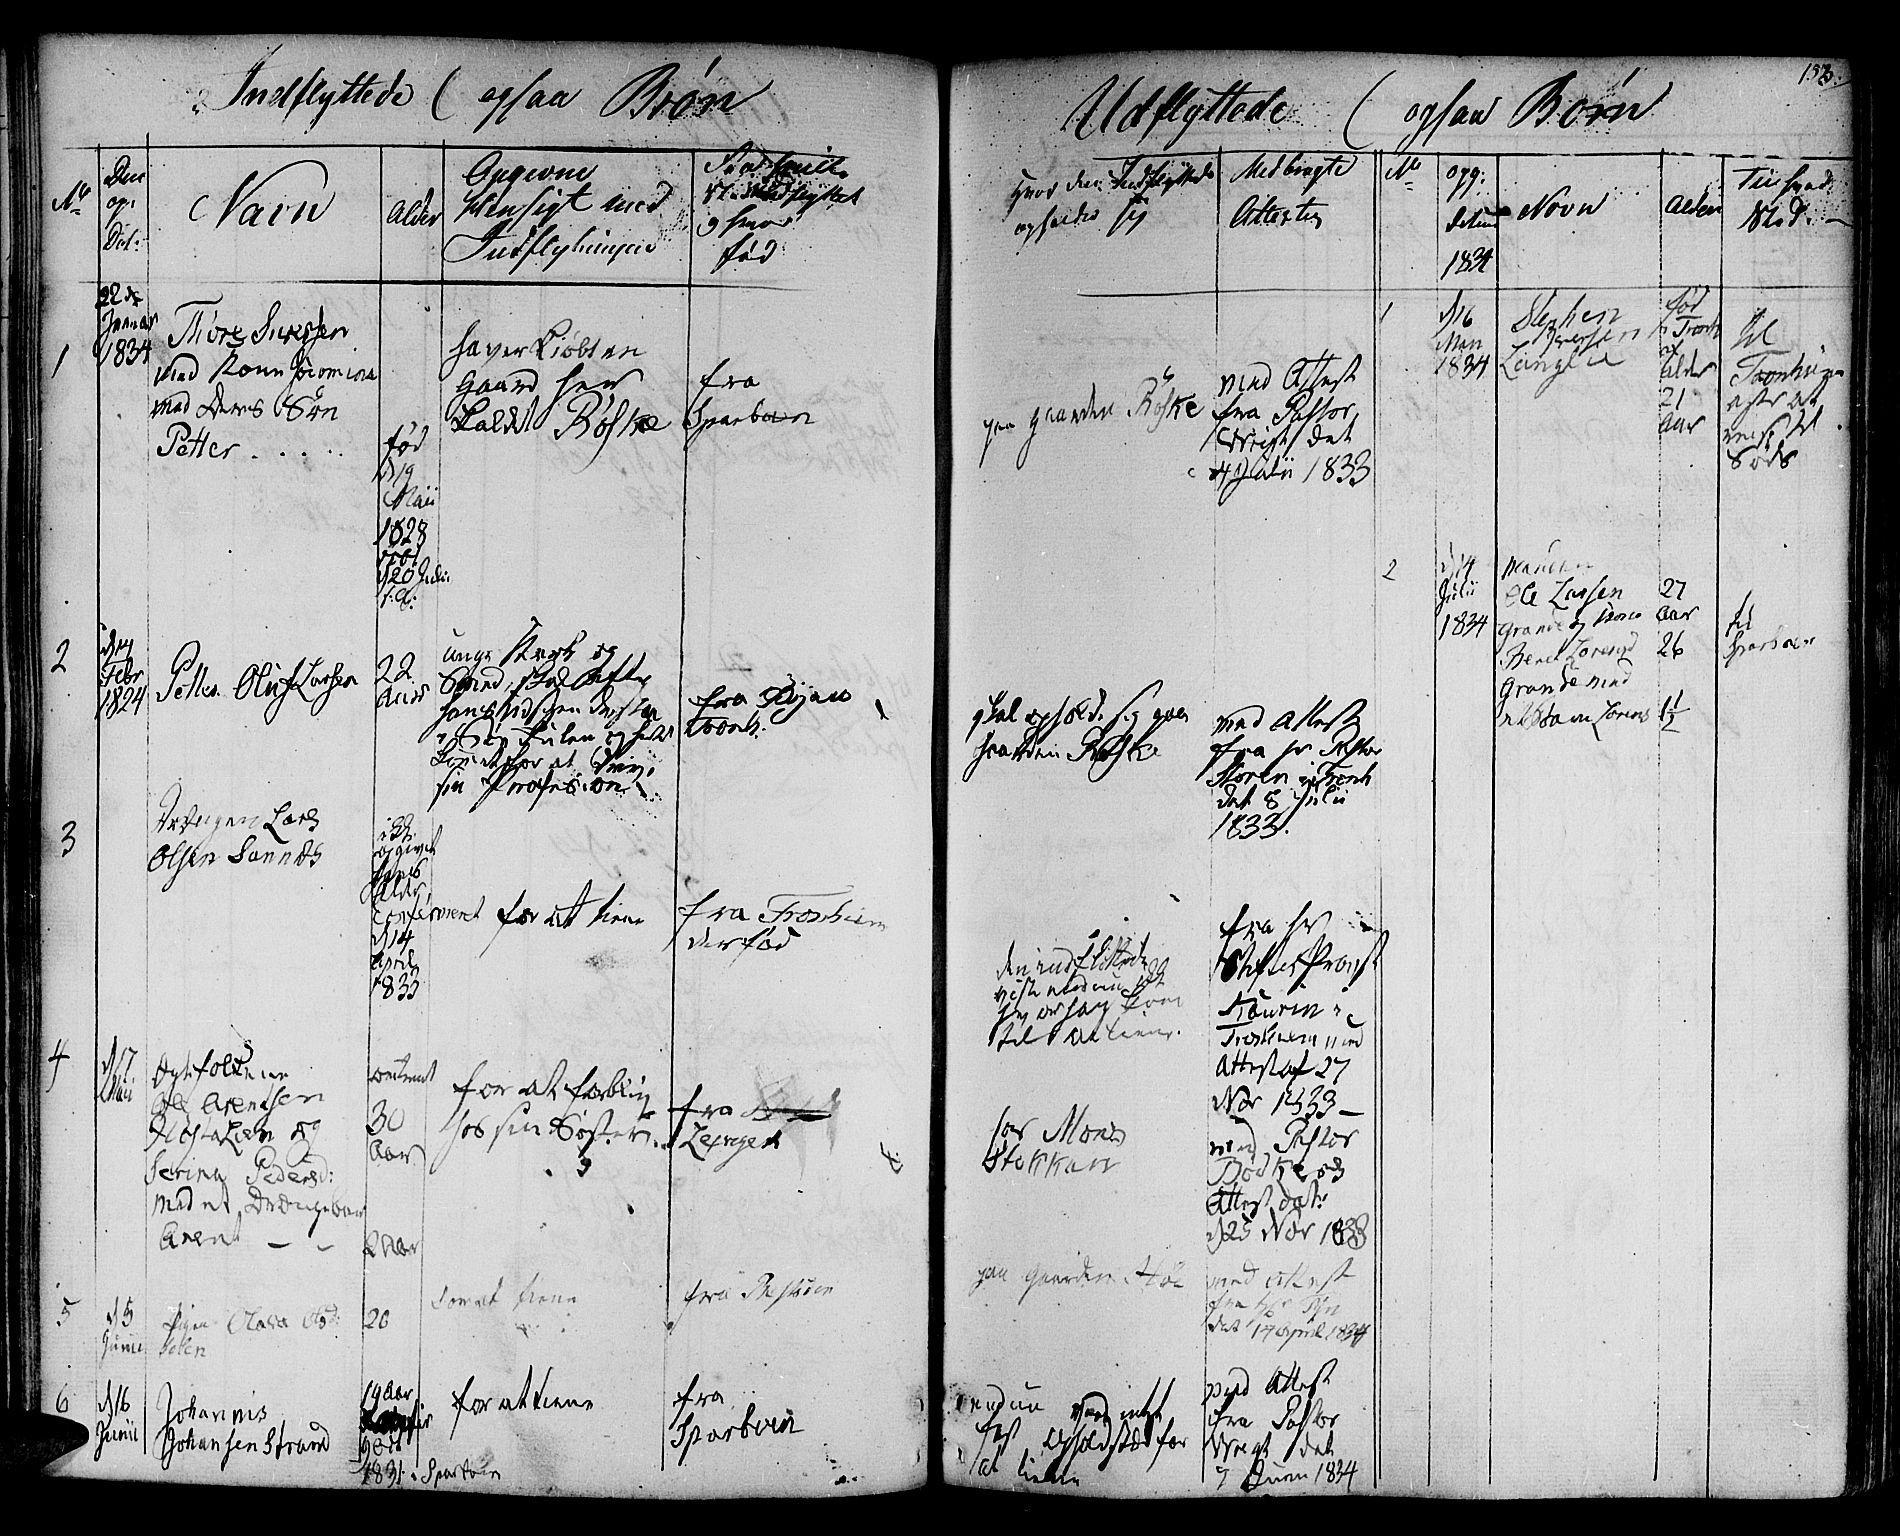 SAT, Ministerialprotokoller, klokkerbøker og fødselsregistre - Nord-Trøndelag, 730/L0277: Ministerialbok nr. 730A06 /1, 1830-1839, s. 153